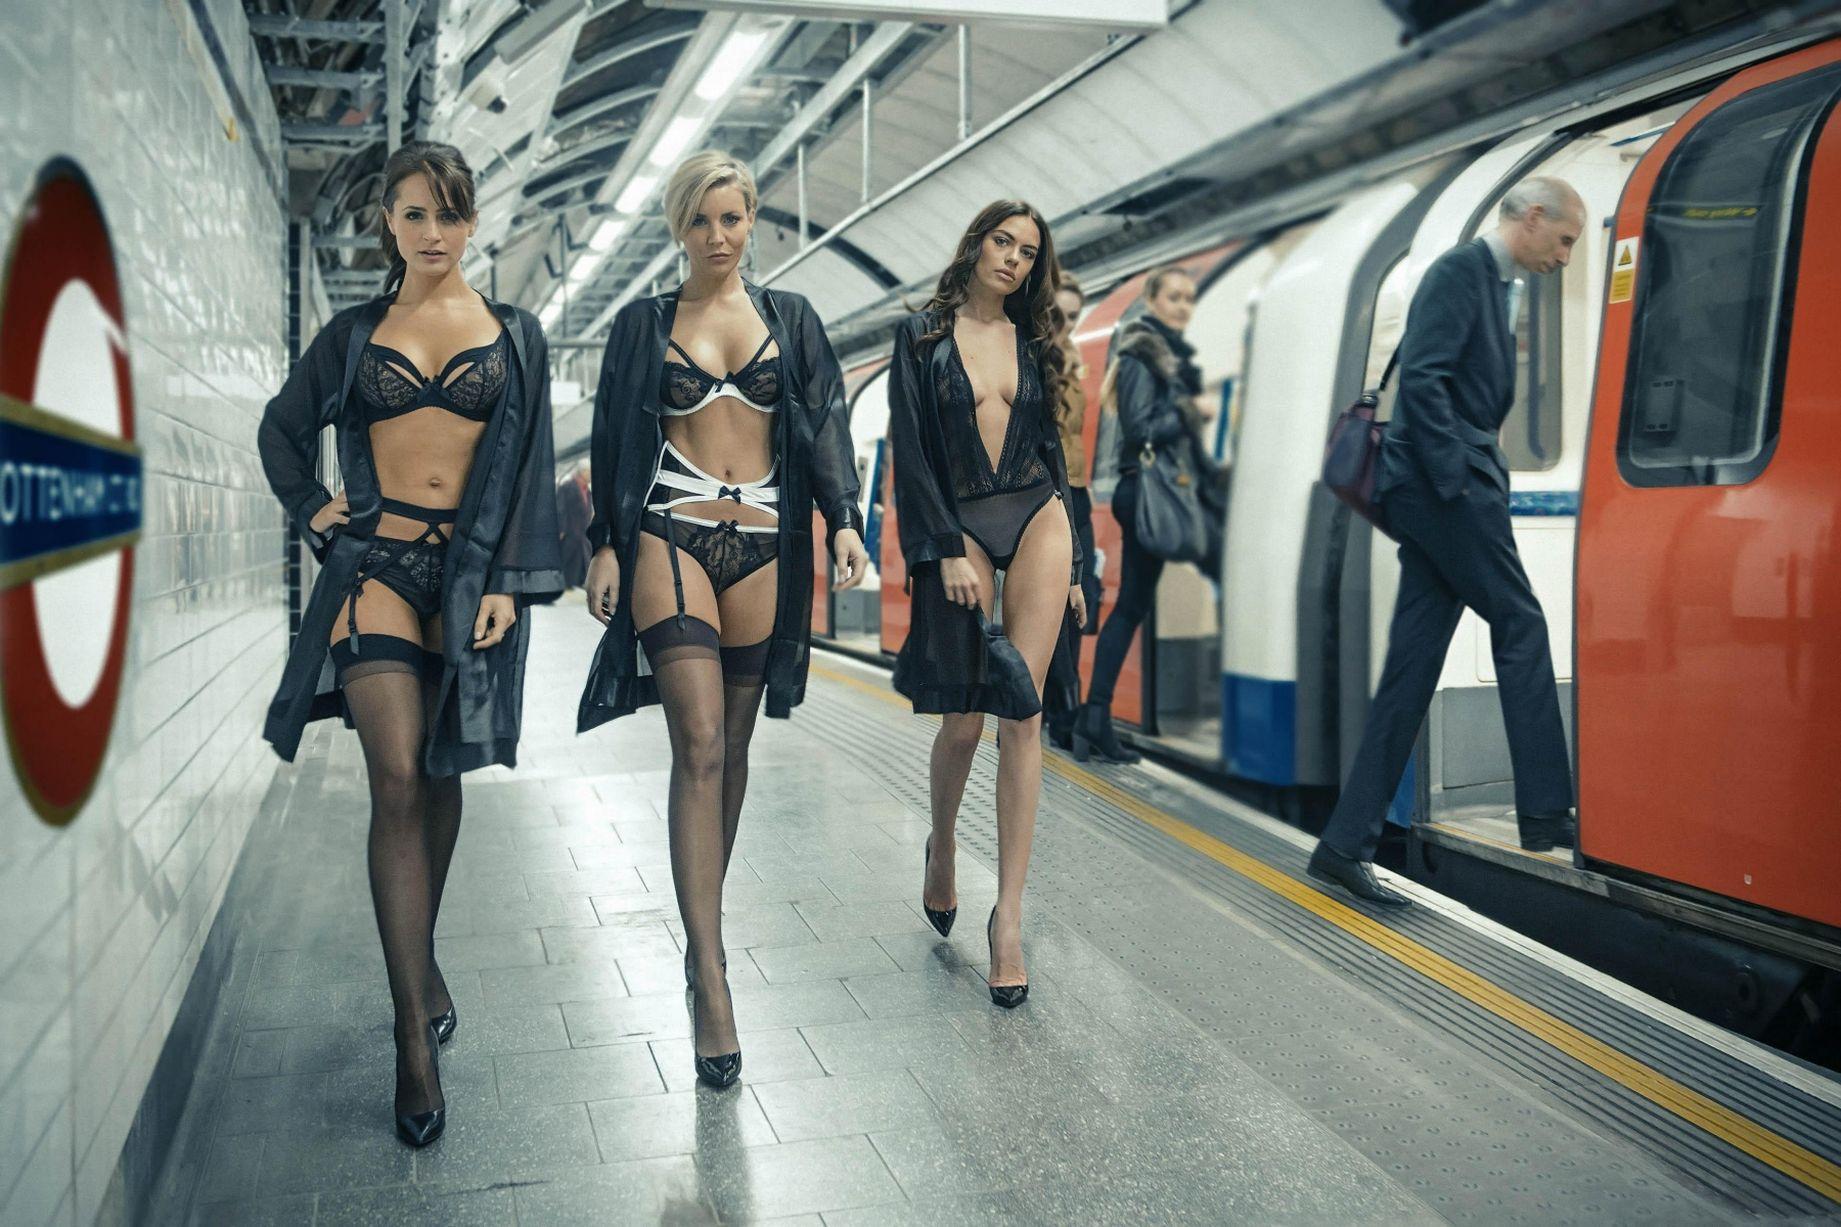 Индивидуалки аэропорт пугачеву обзывают проституткой